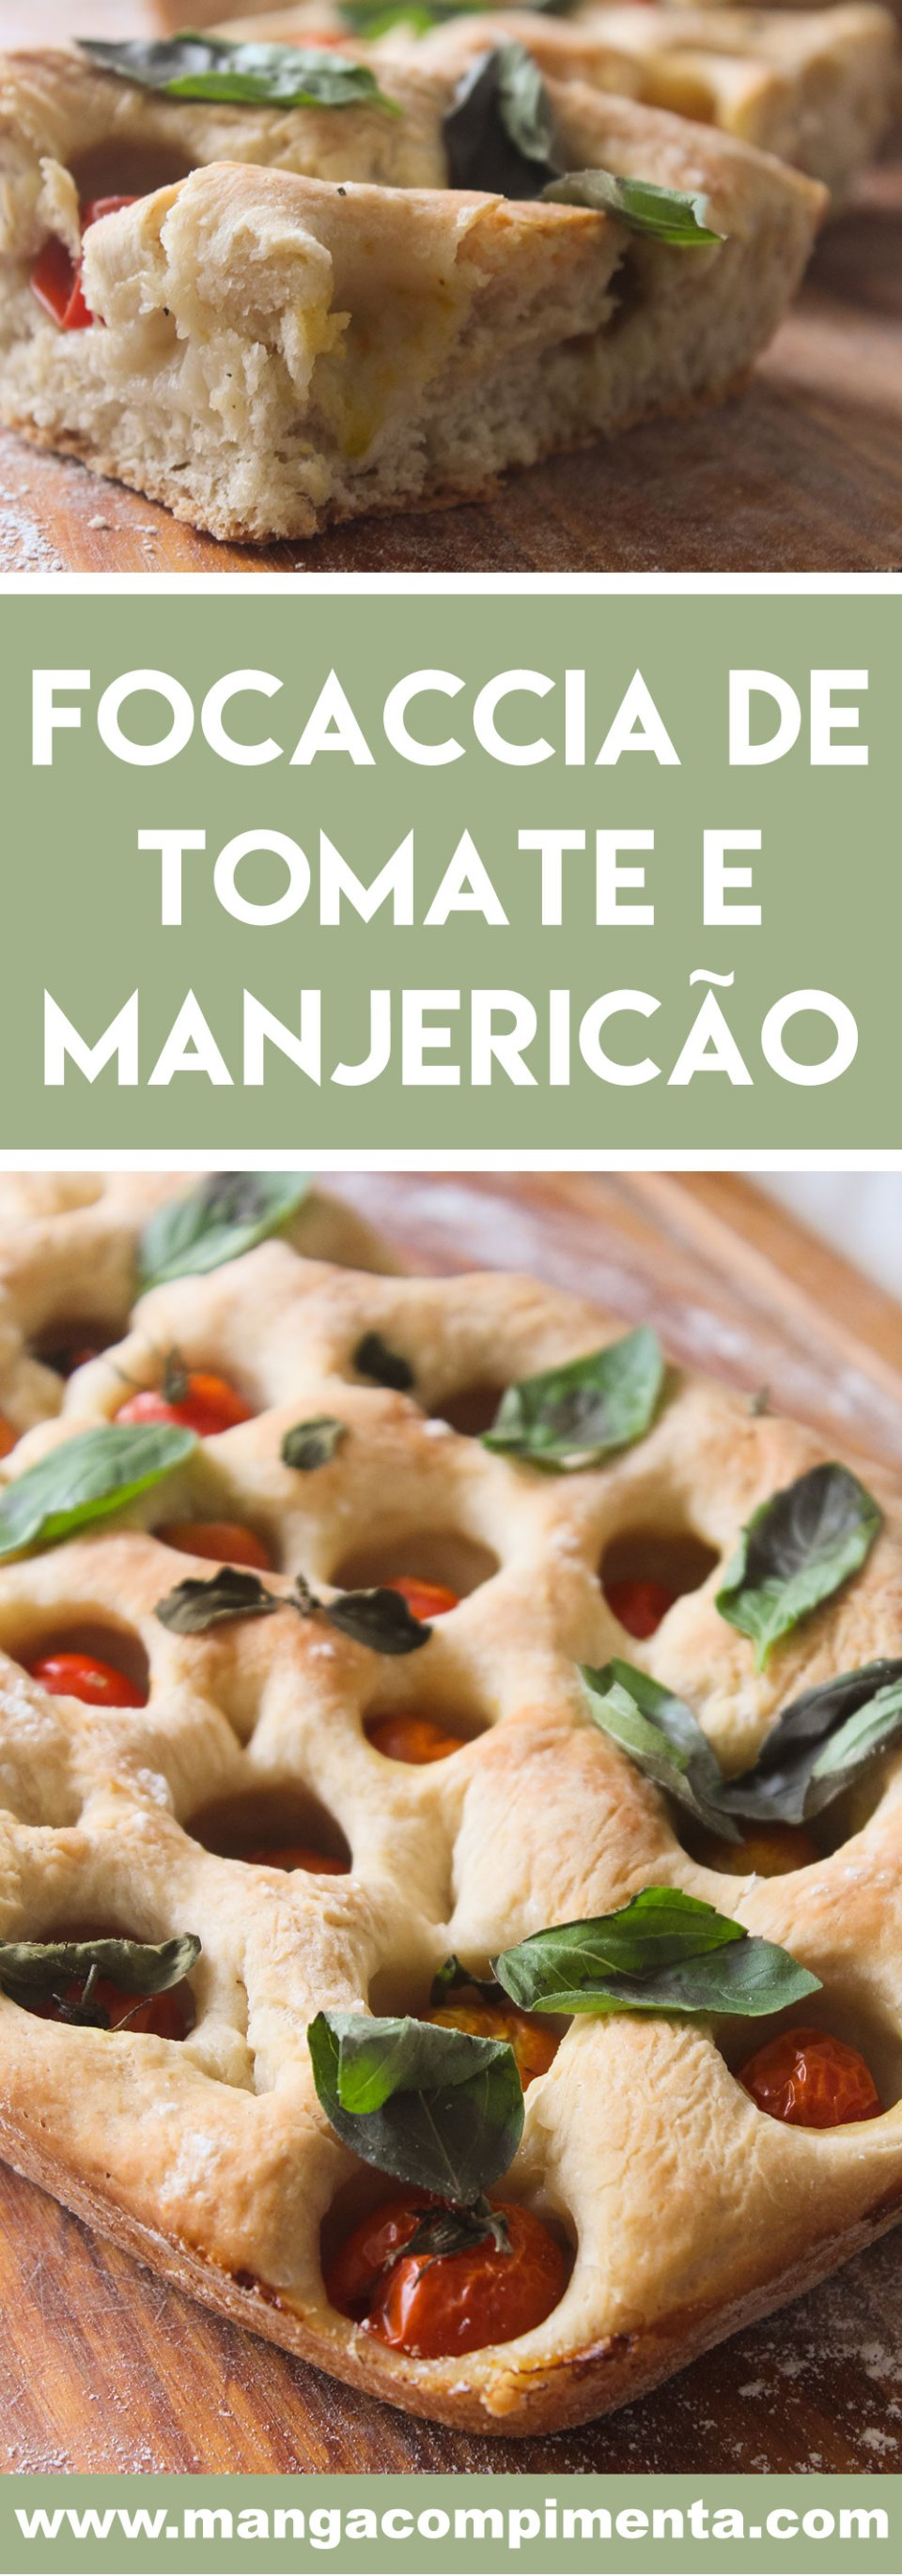 Receita de Focaccia de Tomate e Manjericão - um lanche delicioso para toda a família!